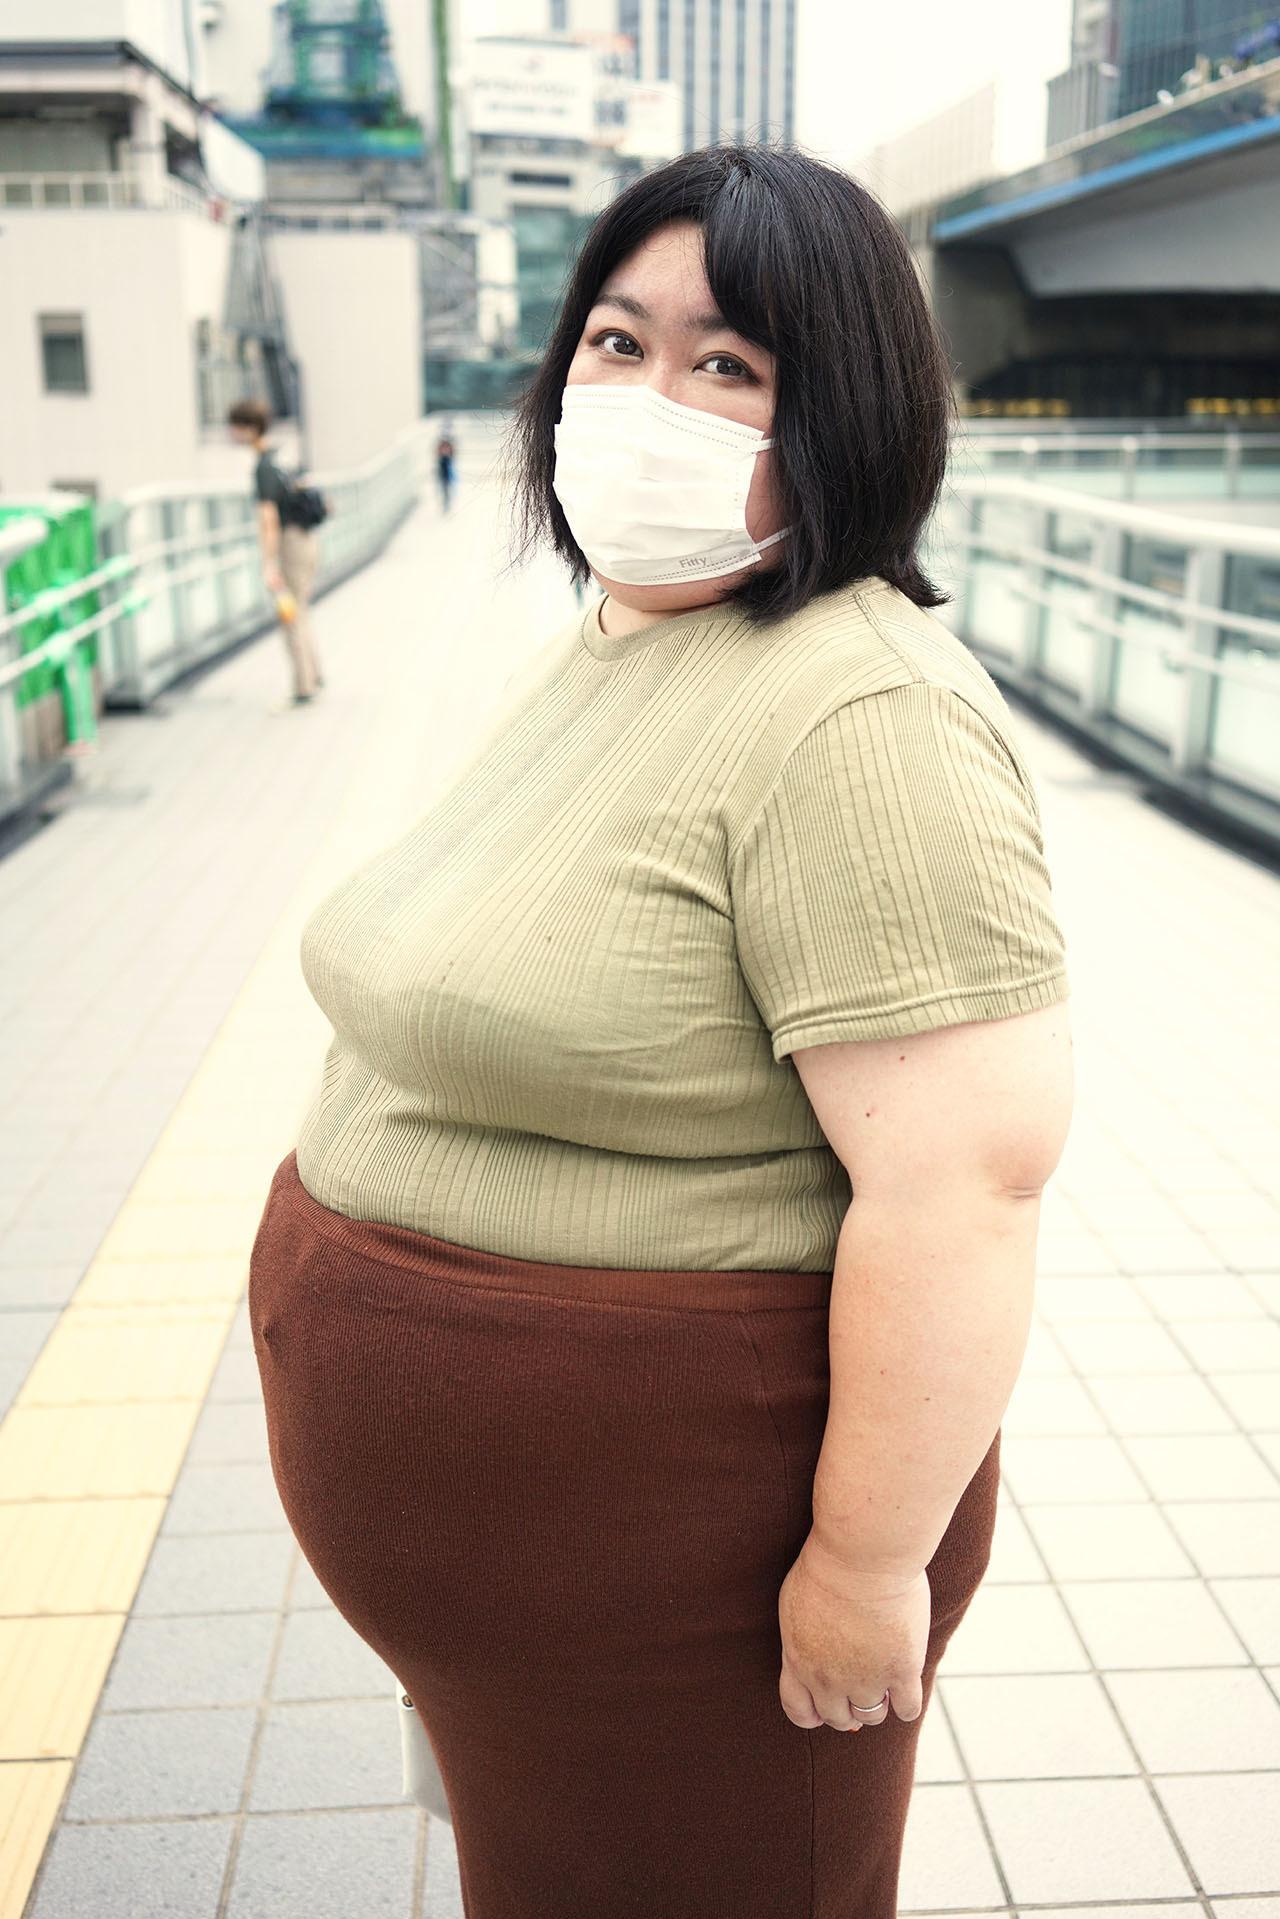 AV史上最重量豊満熟女登場!B128W138H130 圧巻DEBUT 栄子さん(44歳)